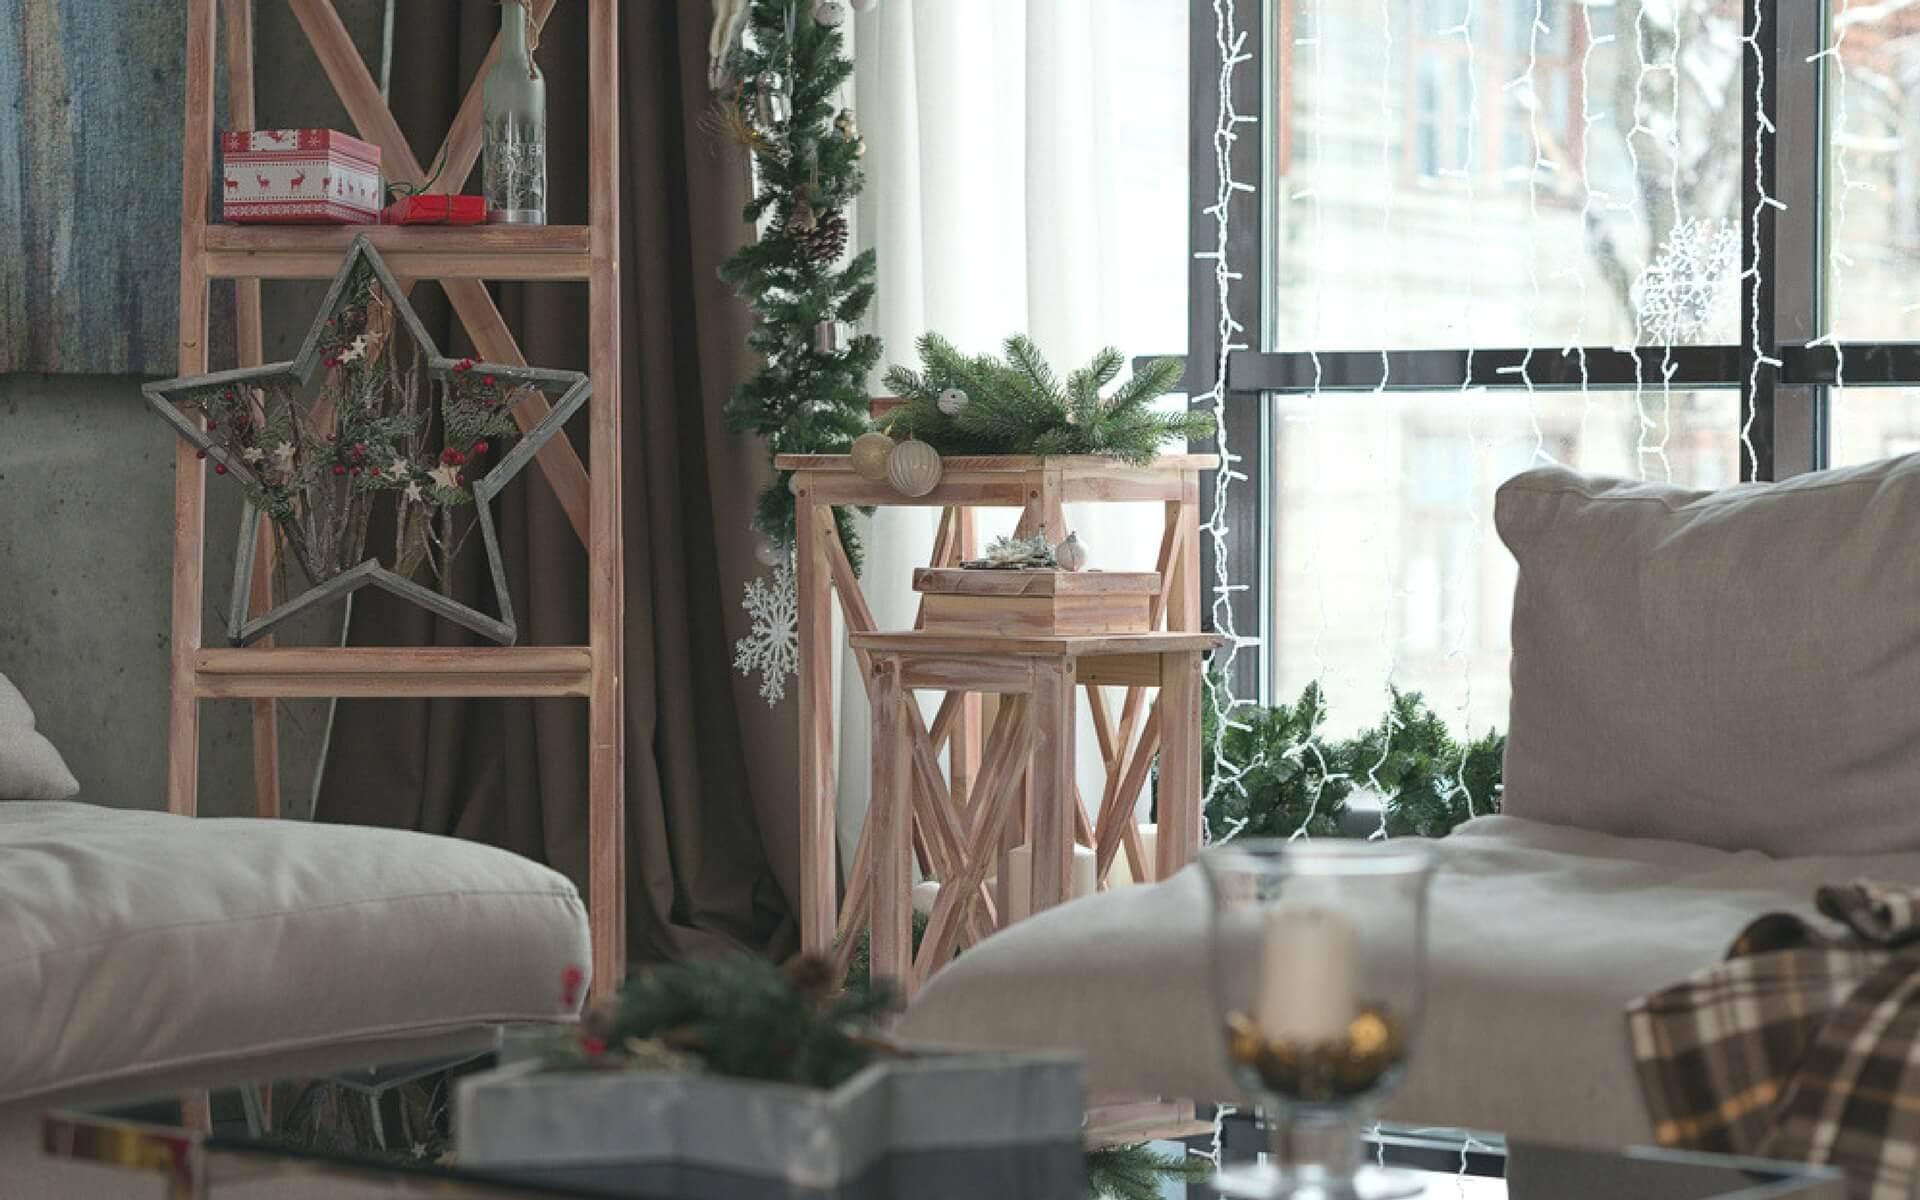 Decorazione Finestre Per Natale : Decorazioni per la finestra di natale idee per la decorazione